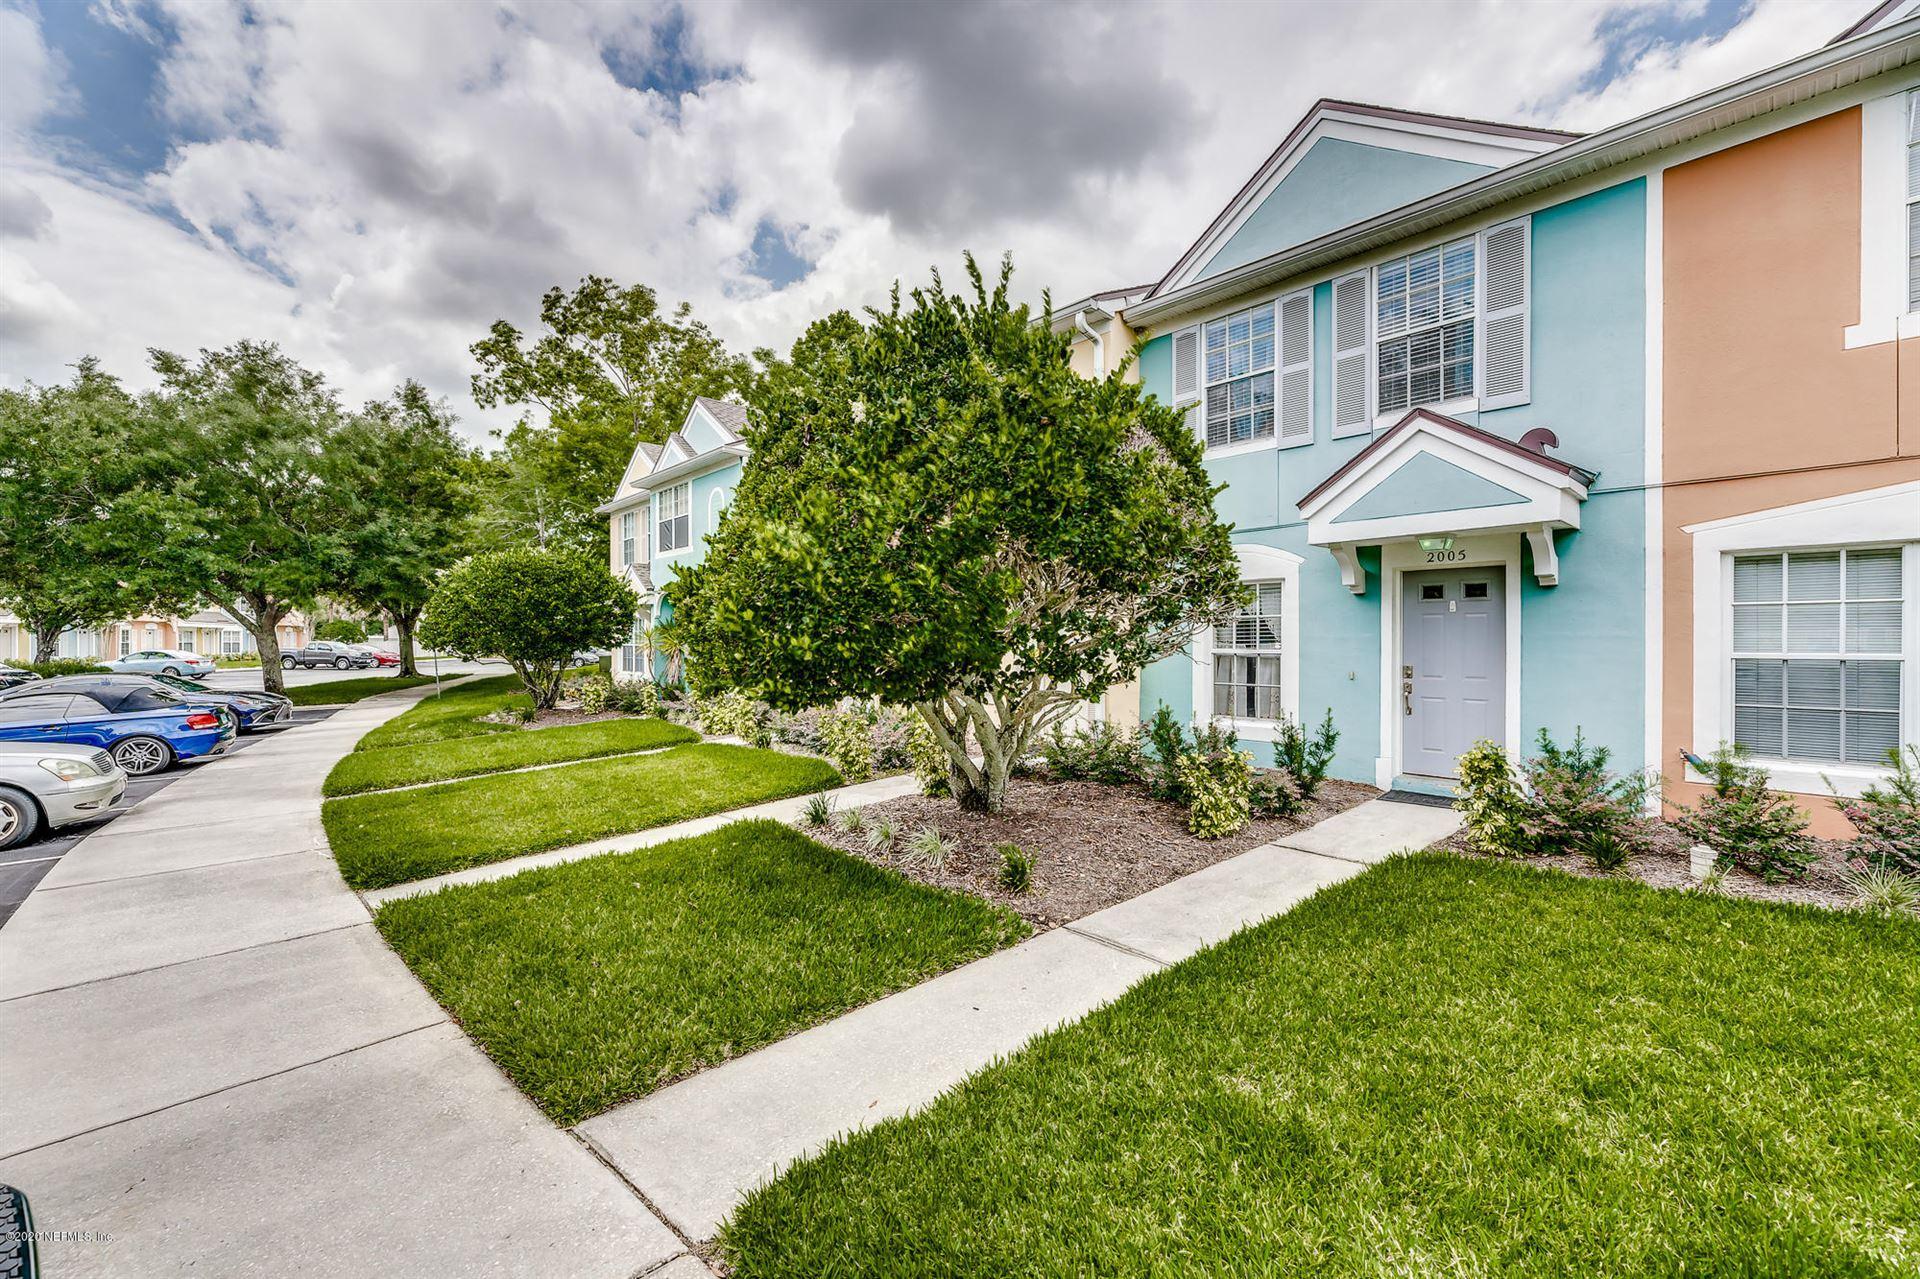 Photo for 12311 KENSINGTON LAKES DR, JACKSONVILLE, FL 32246 (MLS # 1057239)